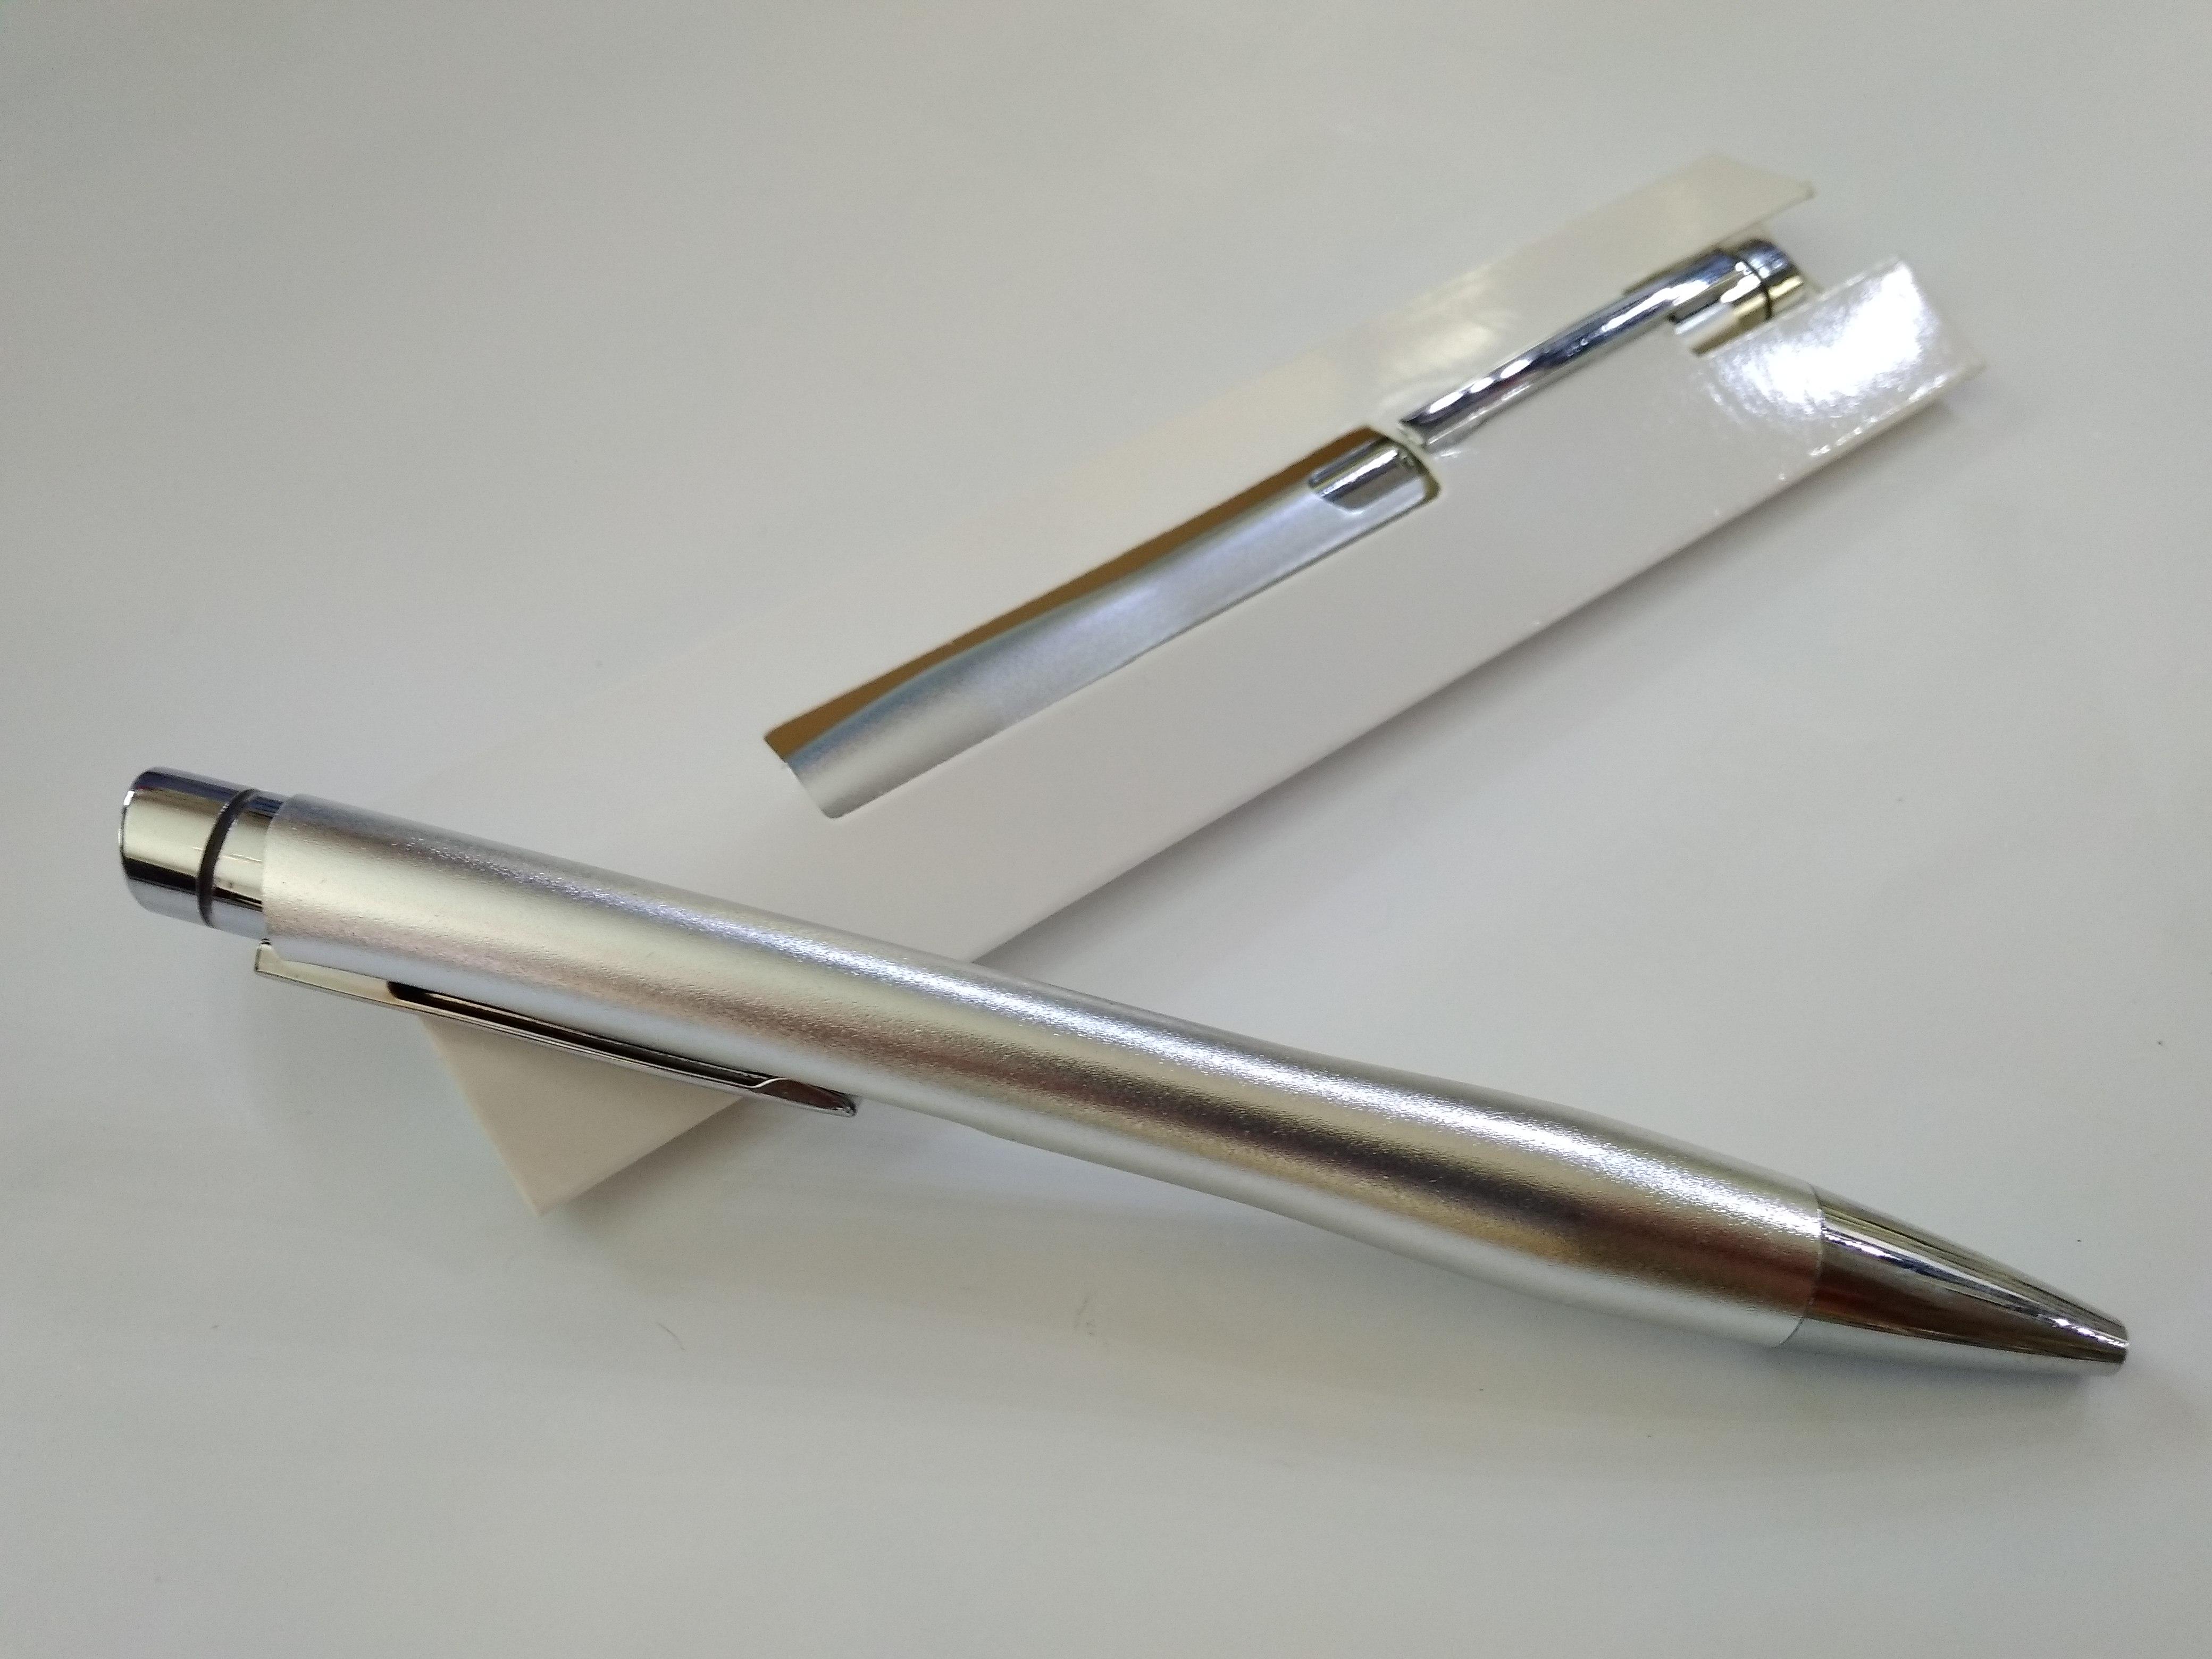 металлические ручки в чехле